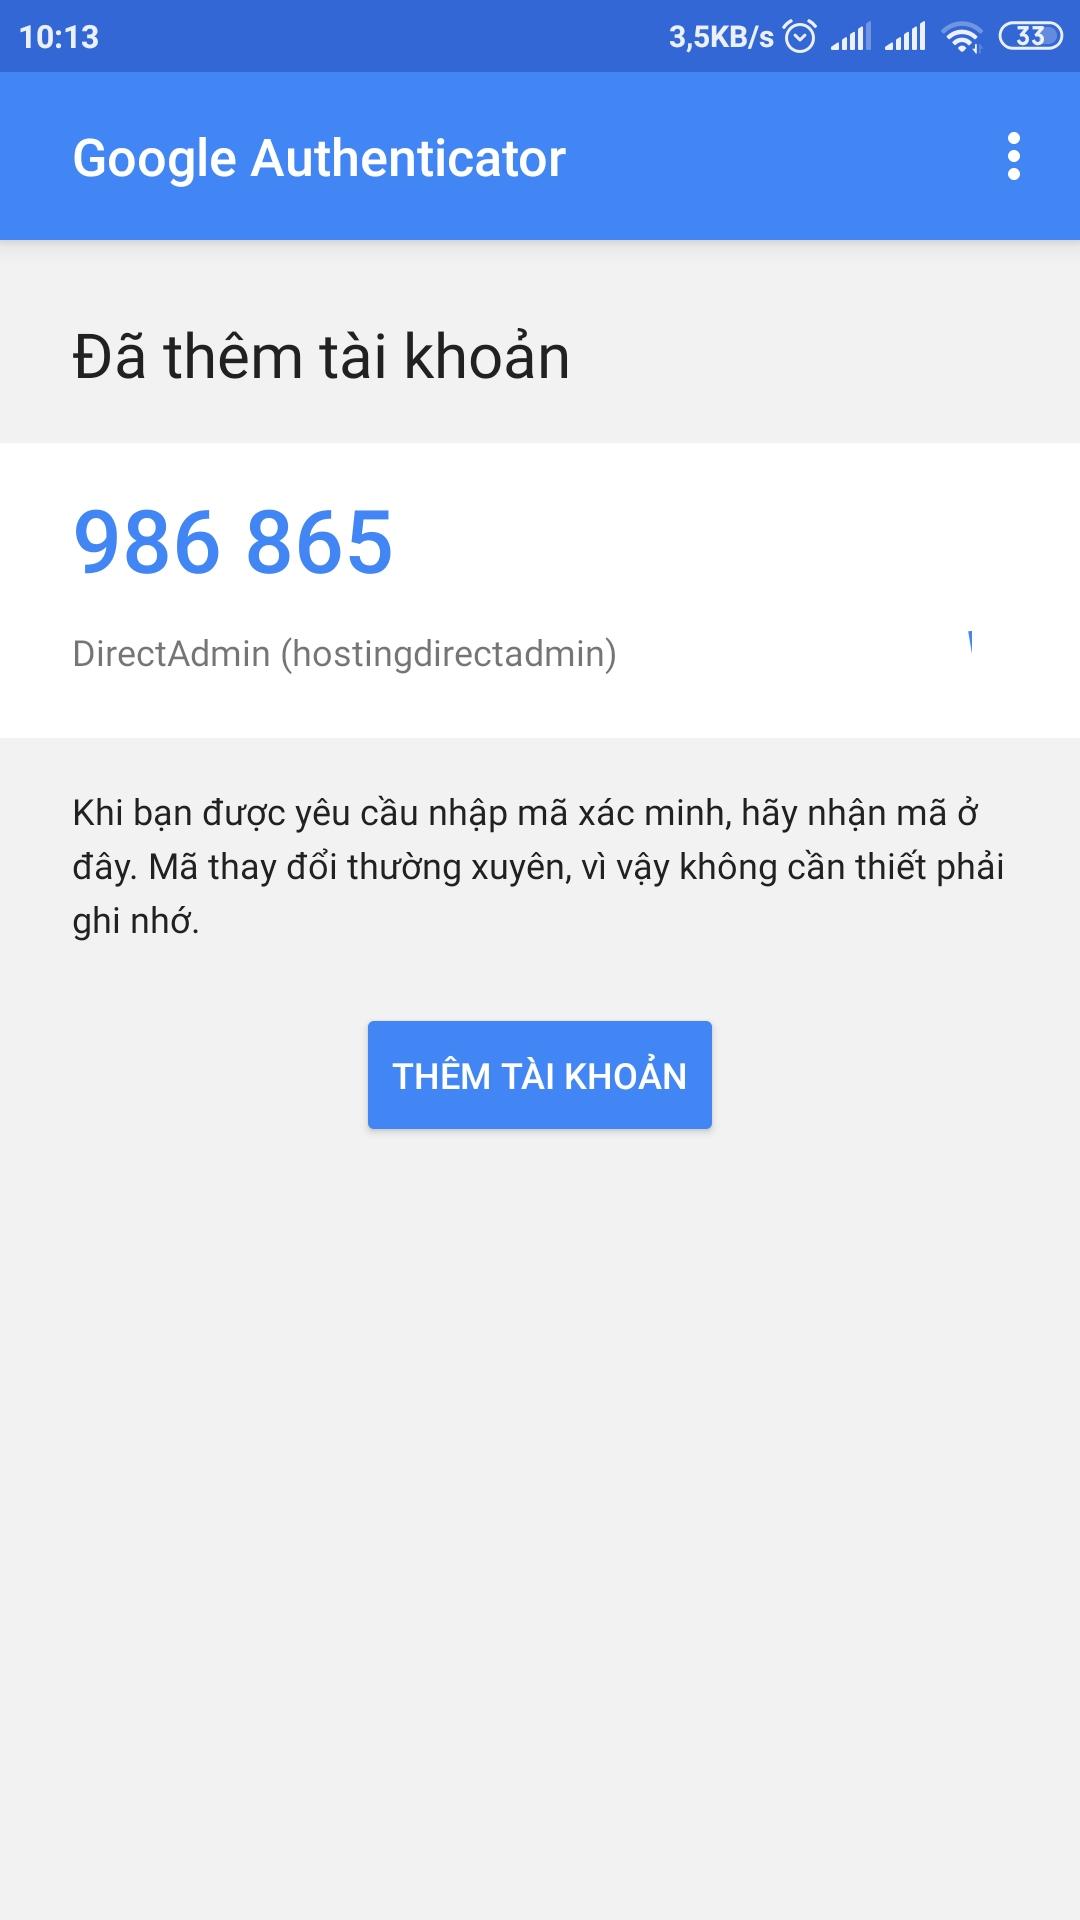 [DirectAdmin] - Hướng dẫn bật đăng nhập hosting DirectAdmin xác thực qua Google Authentication 15